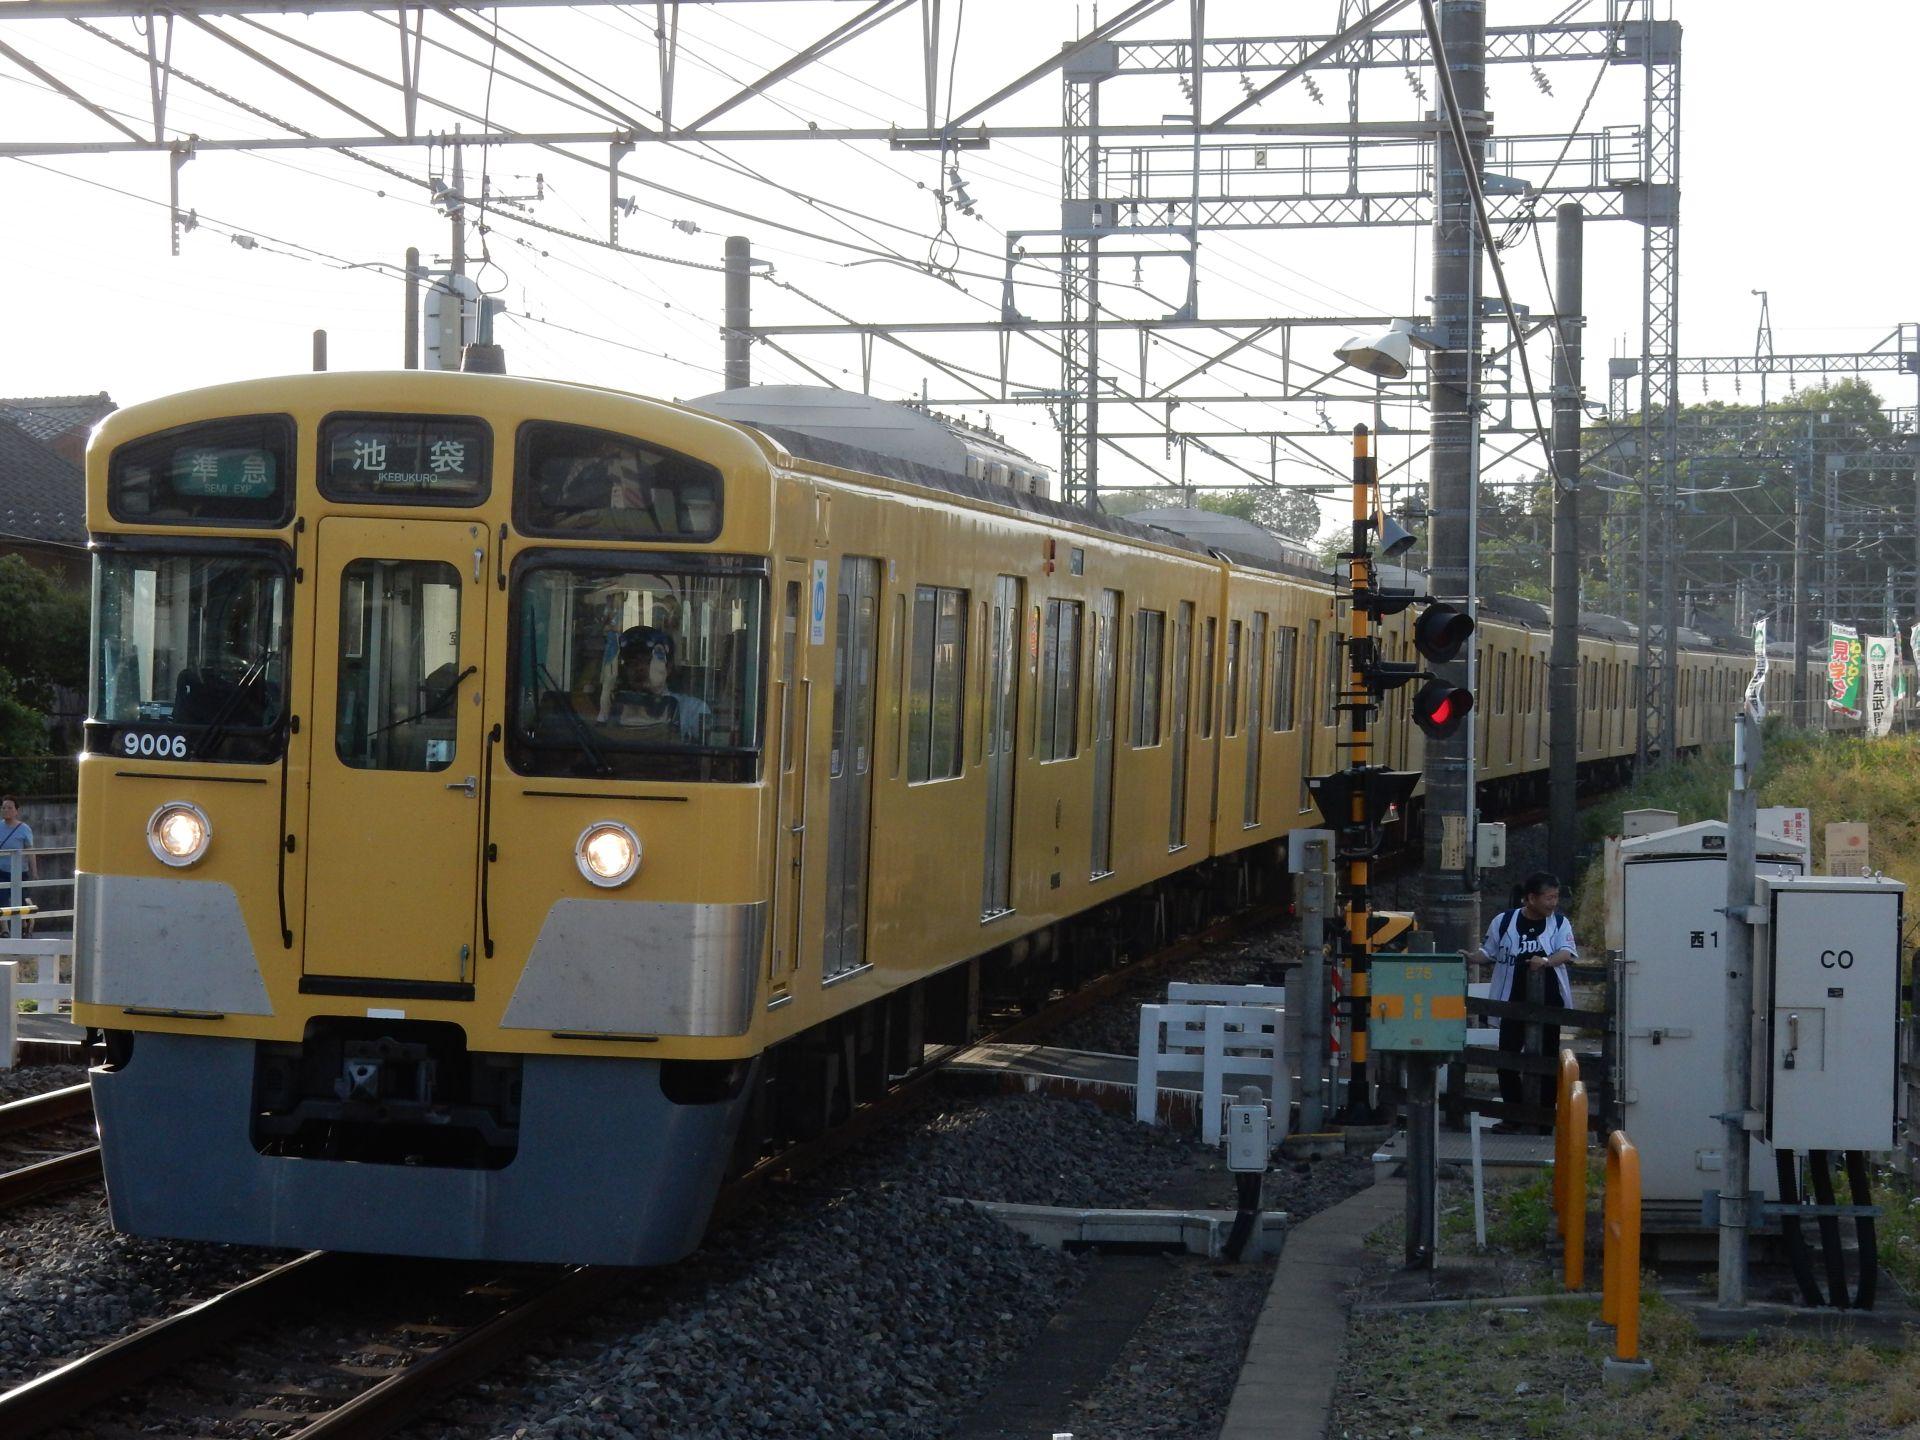 DSCN9605 - コピー